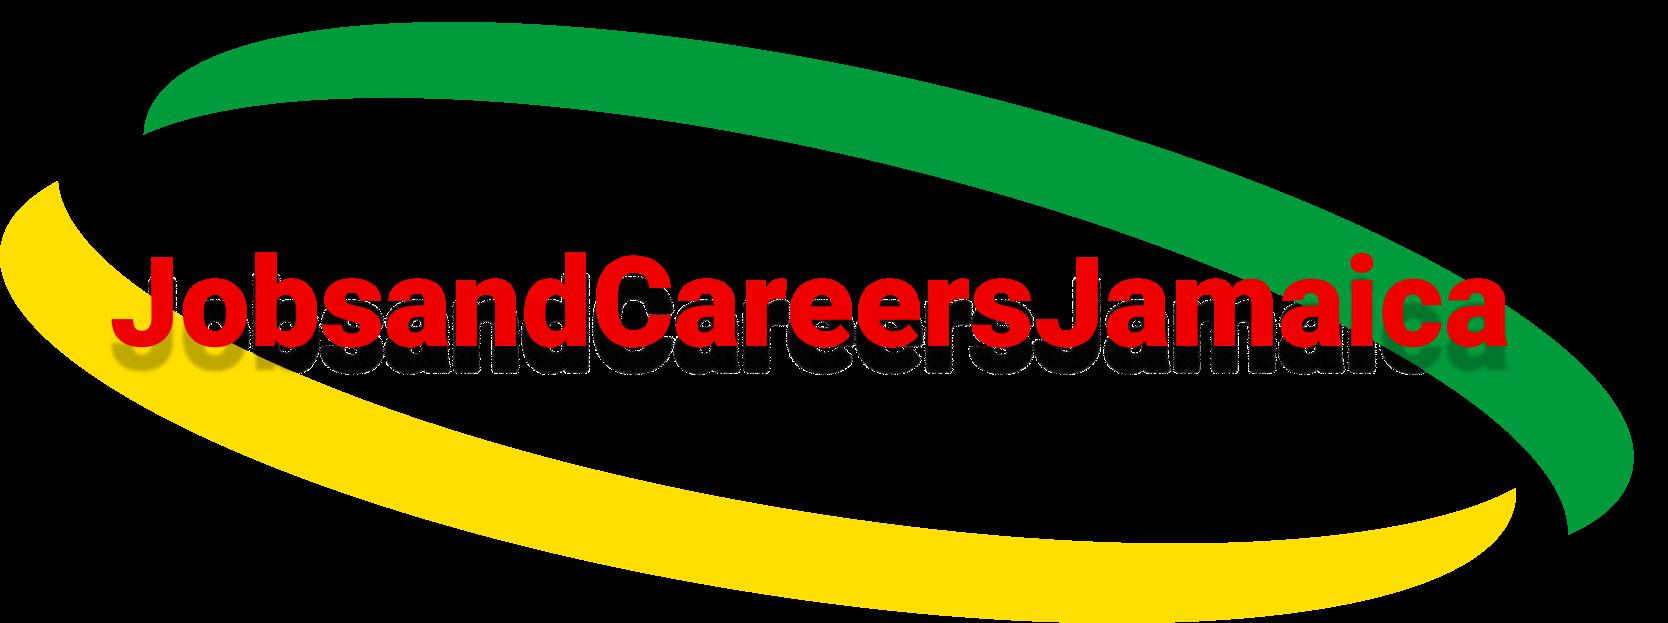 jobsandcareersjamaica.com